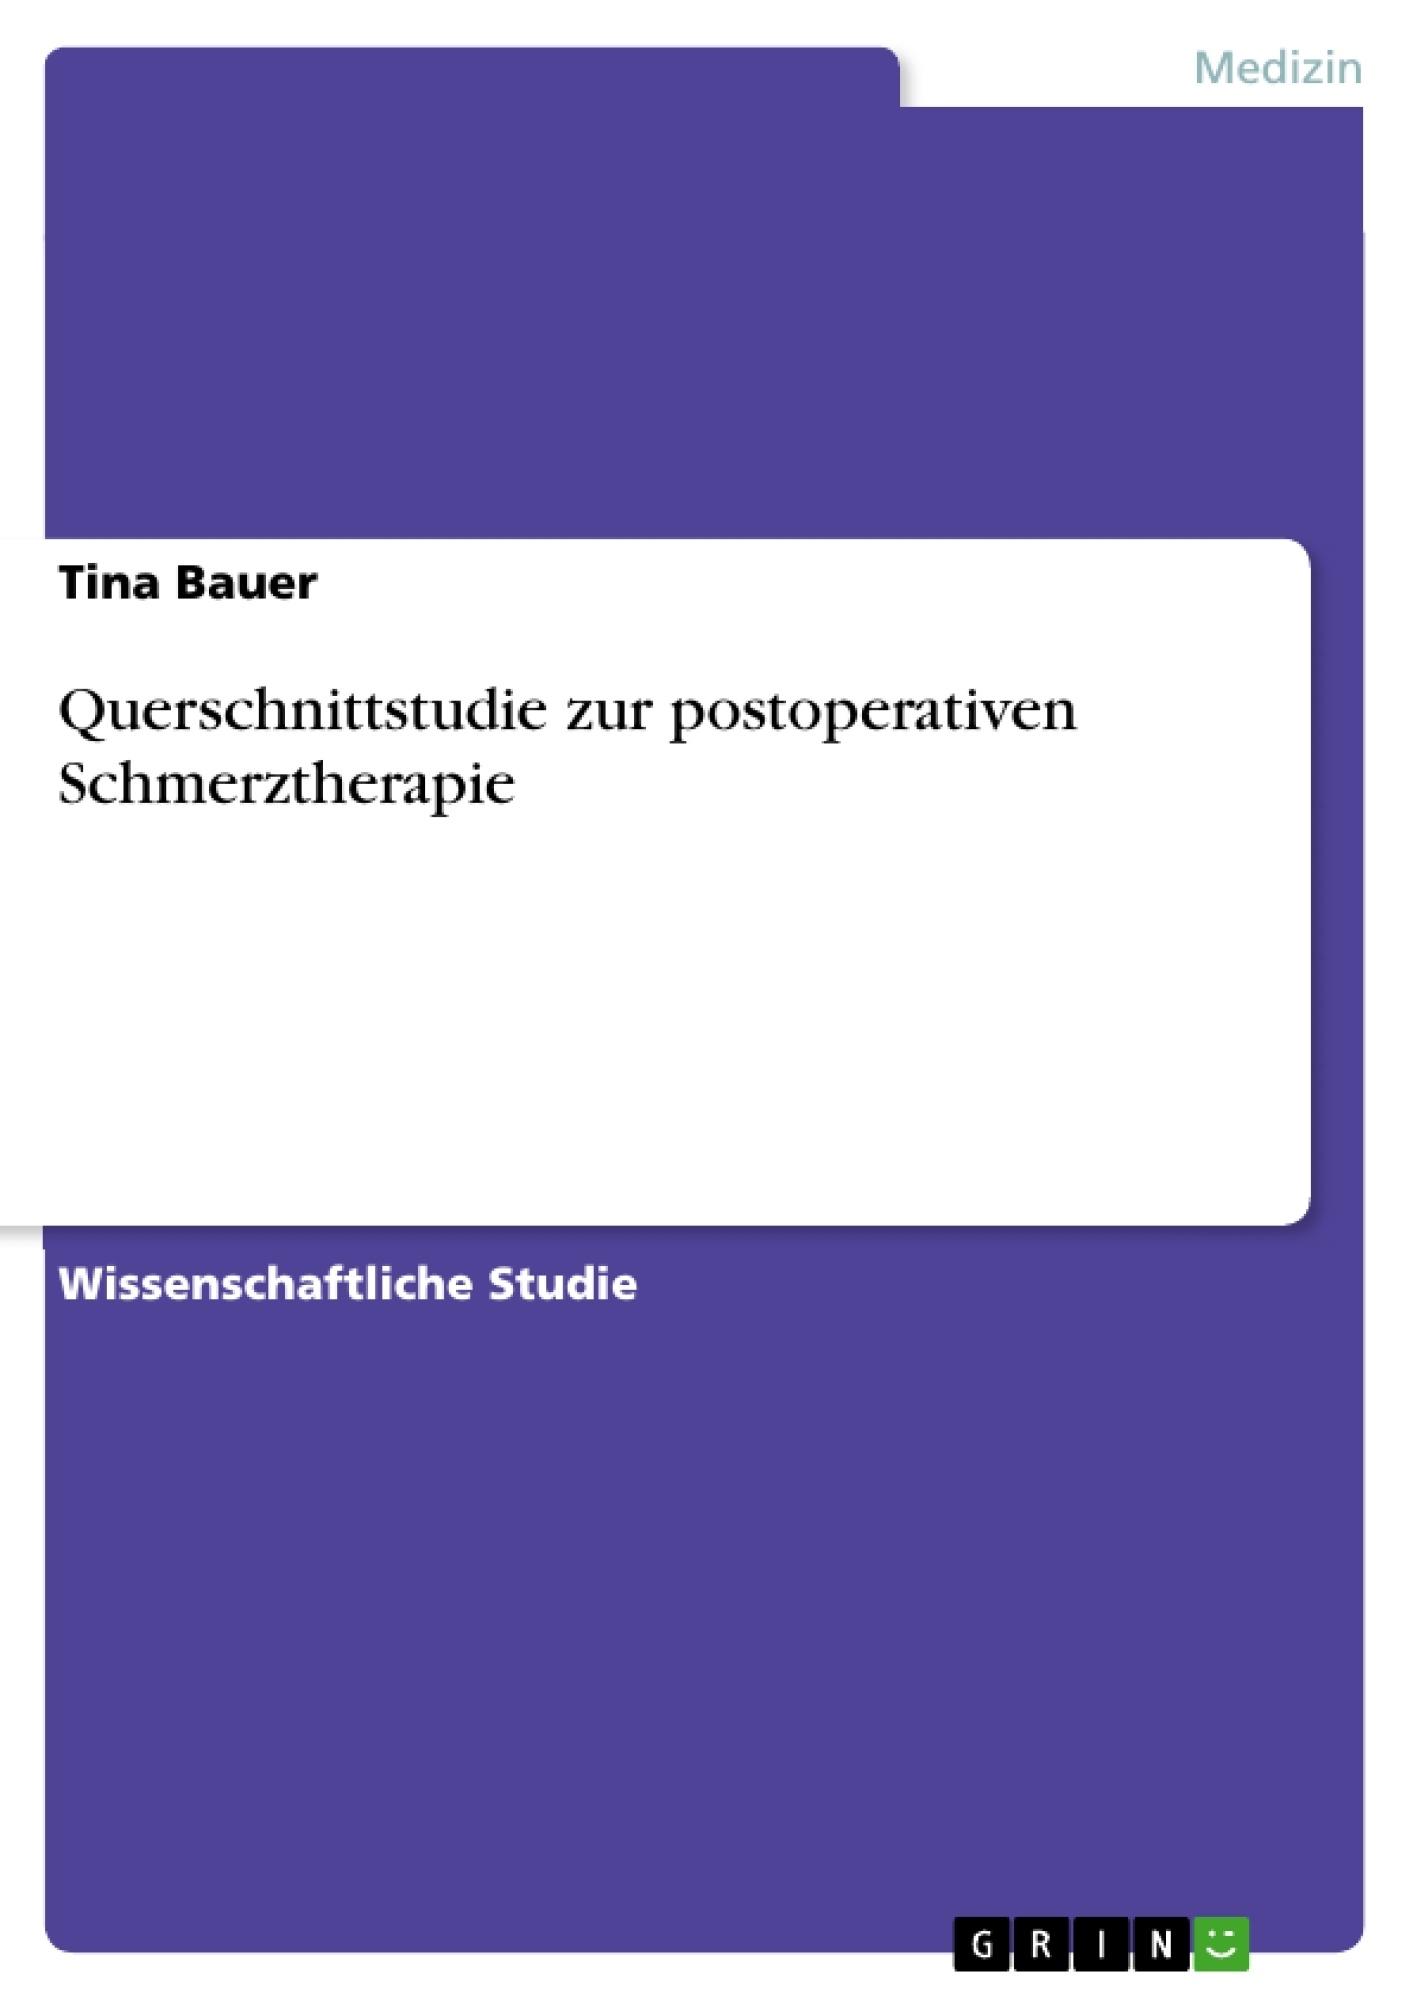 Titel: Querschnittstudie zur postoperativen Schmerztherapie